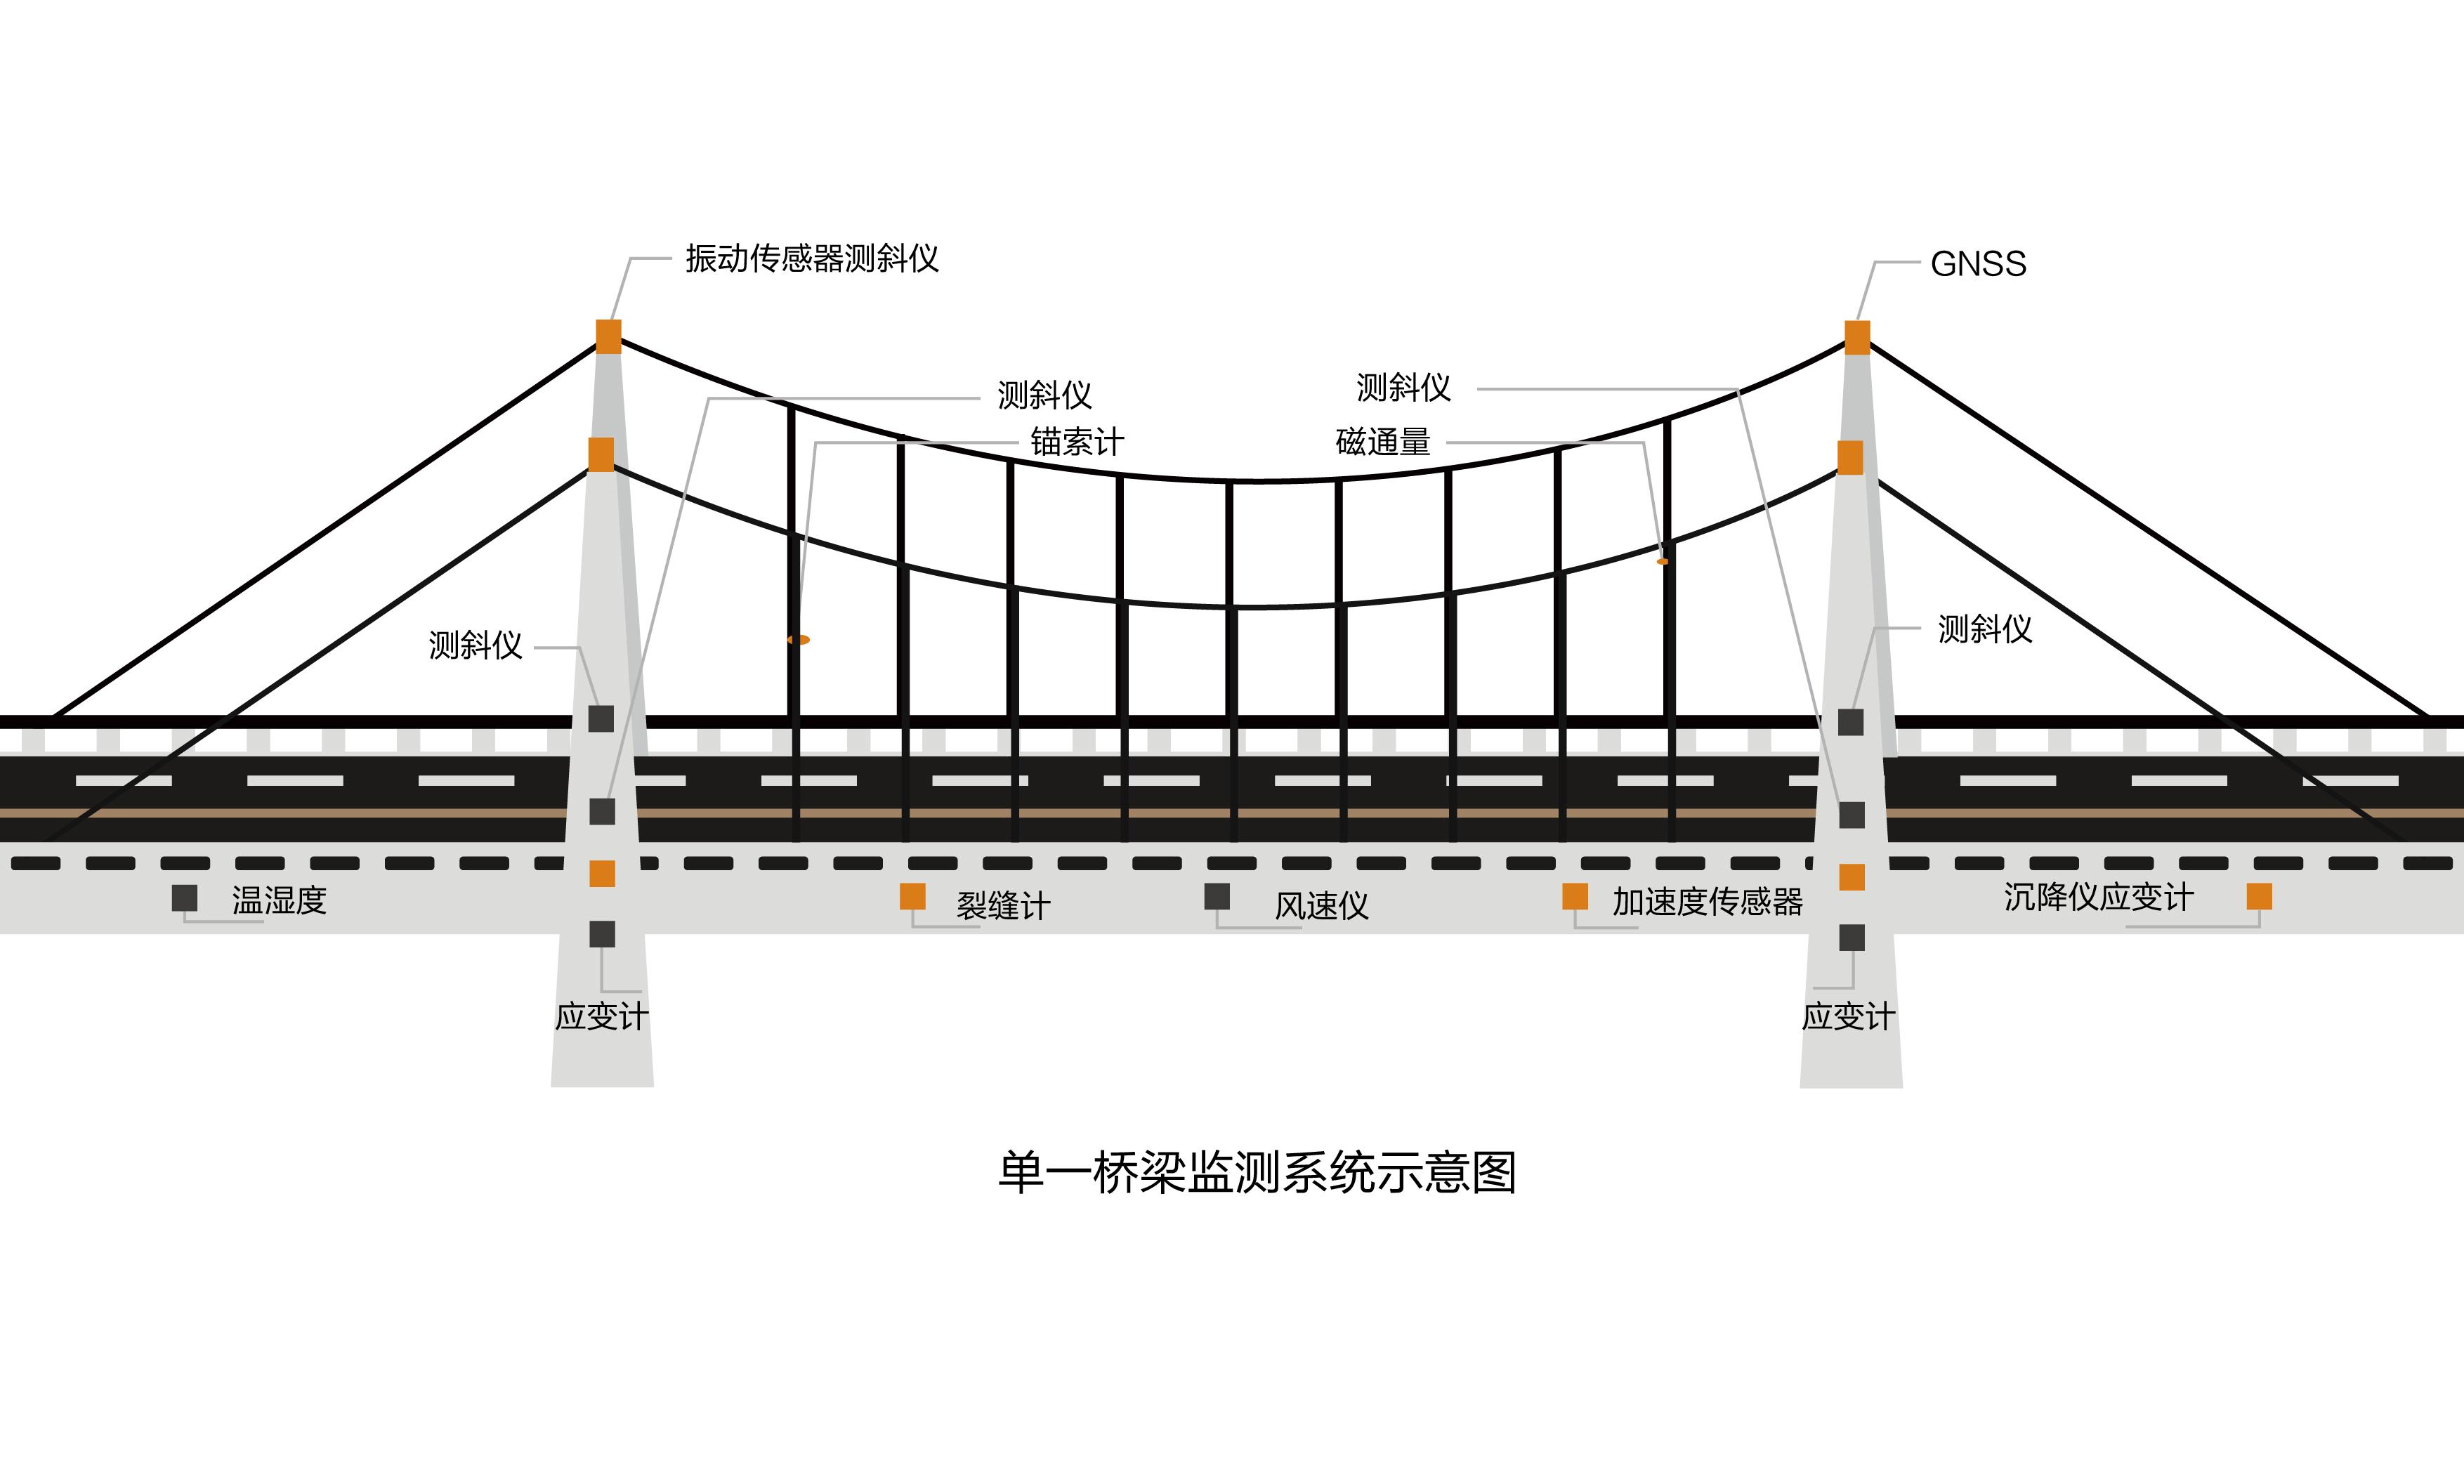 單一橋梁監測系統示意圖-01